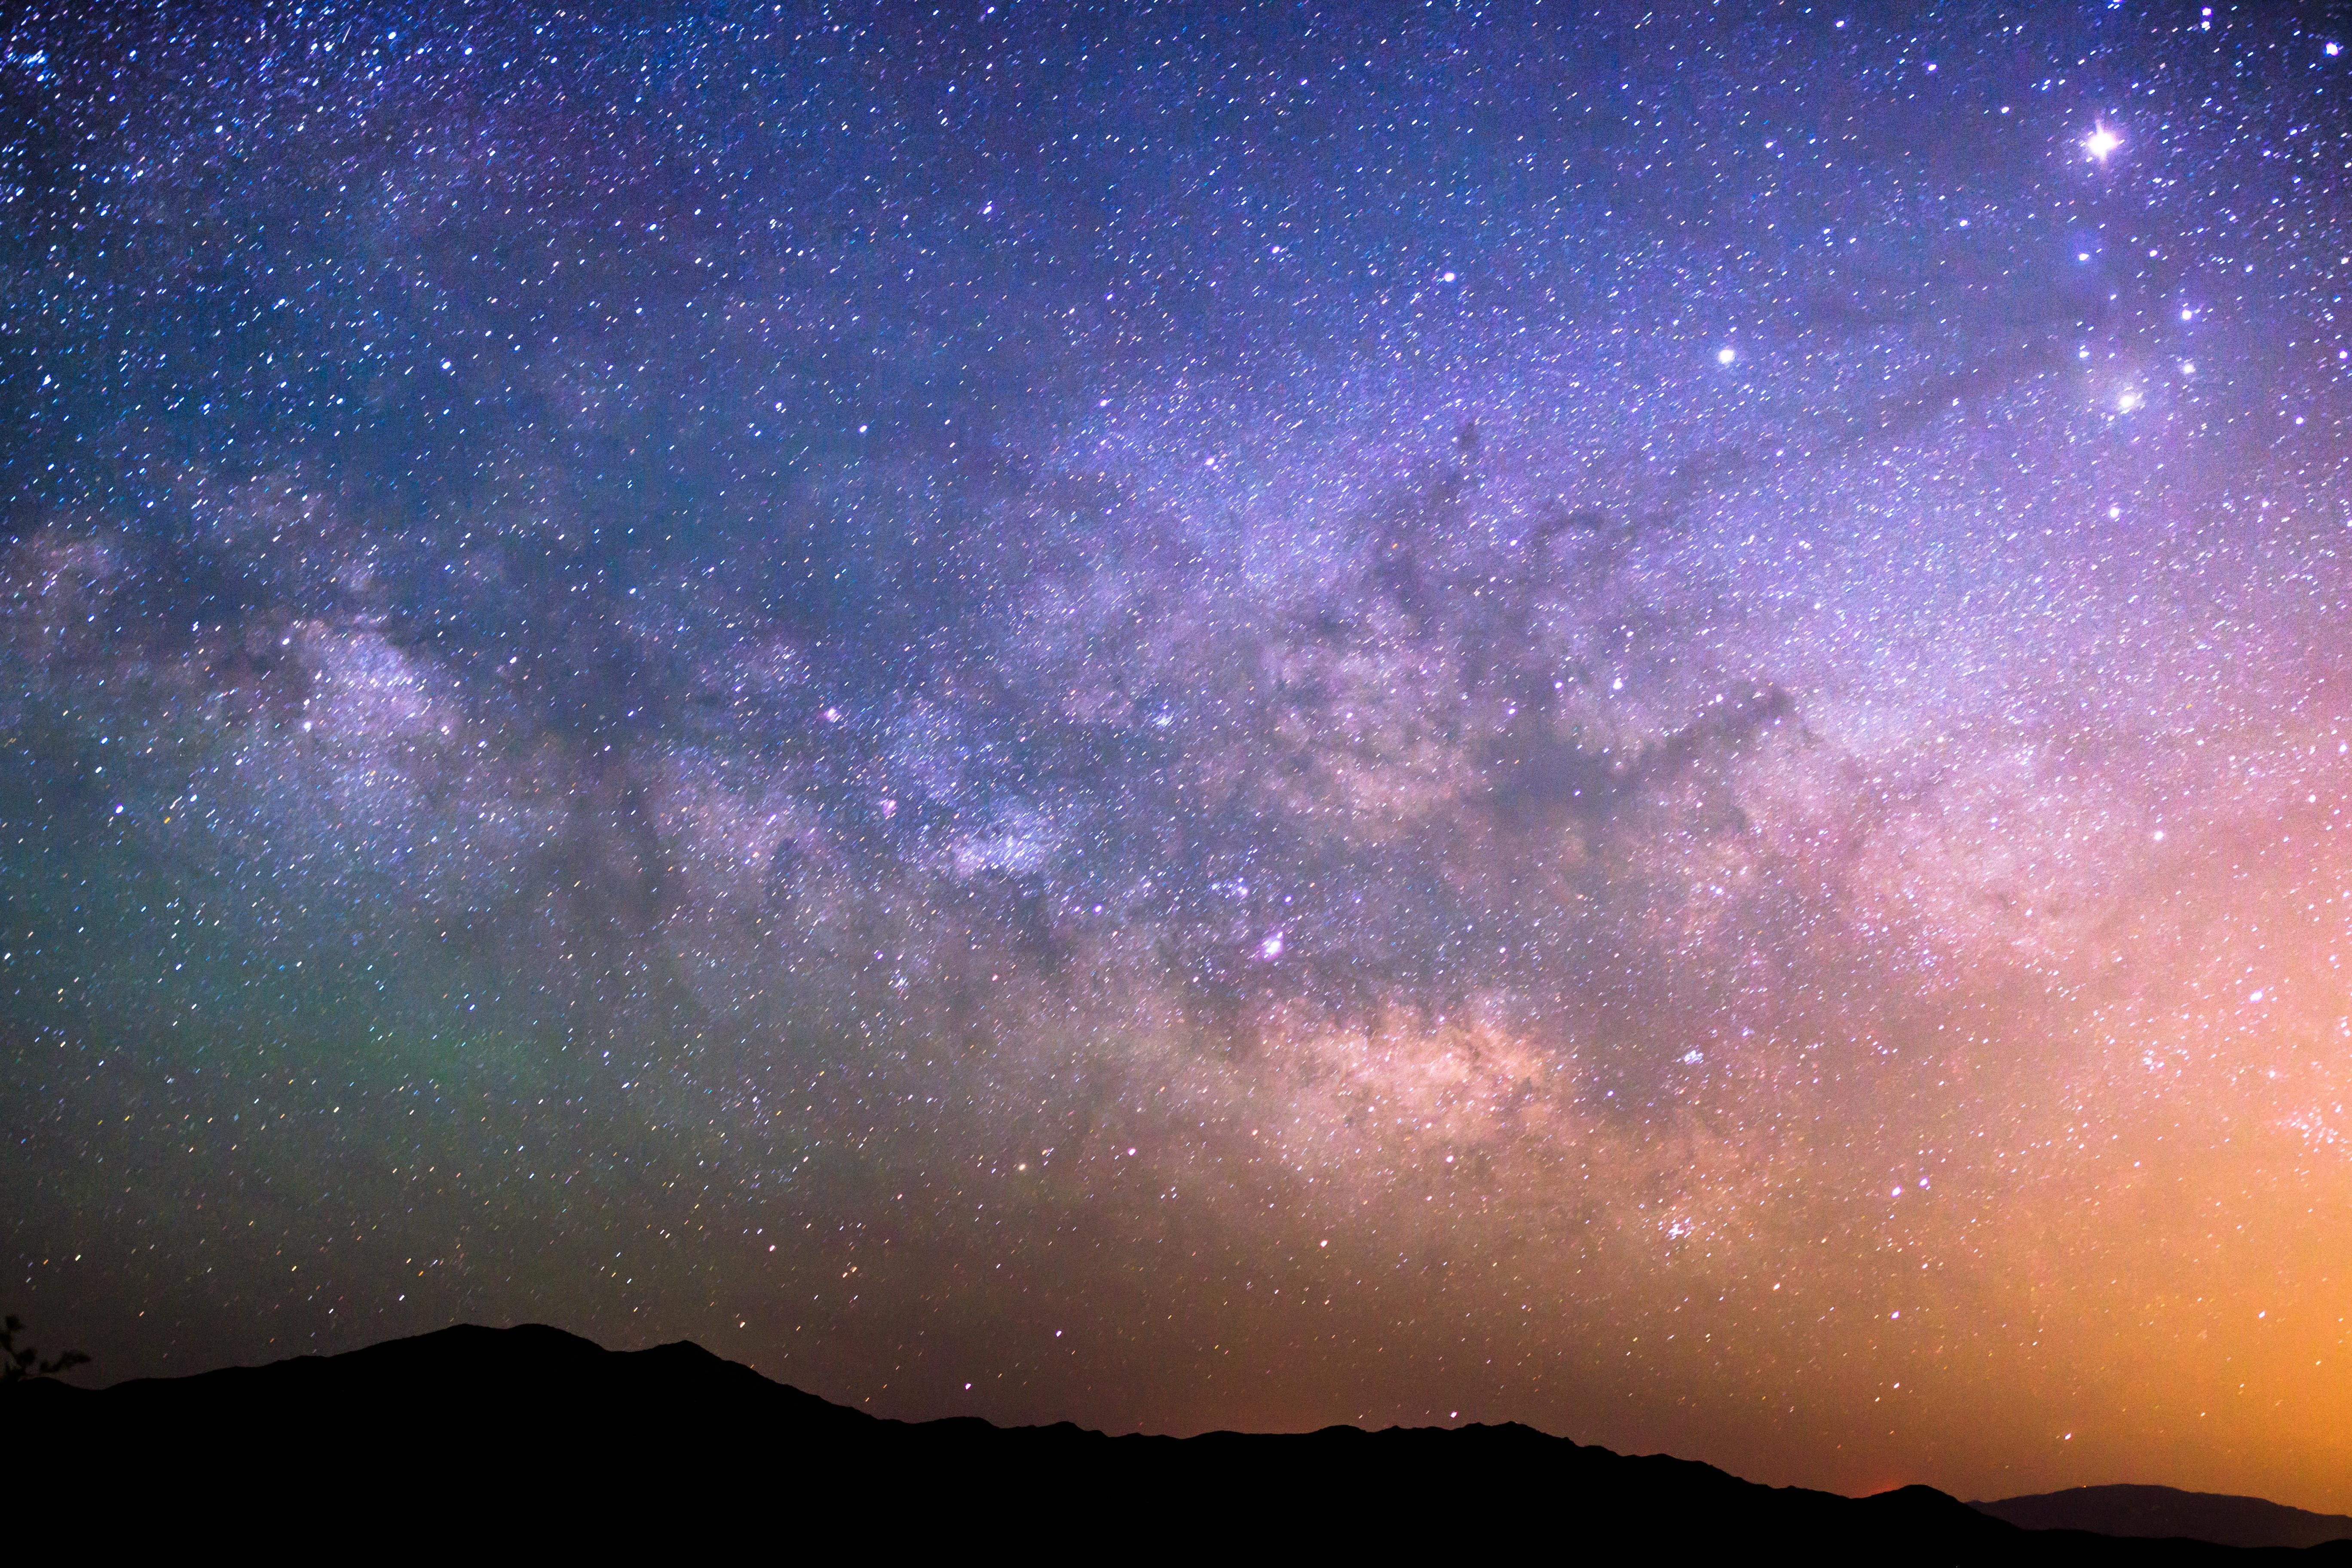 デスクトップ壁紙 自然 スペース 天の川 星雲 キヤノン